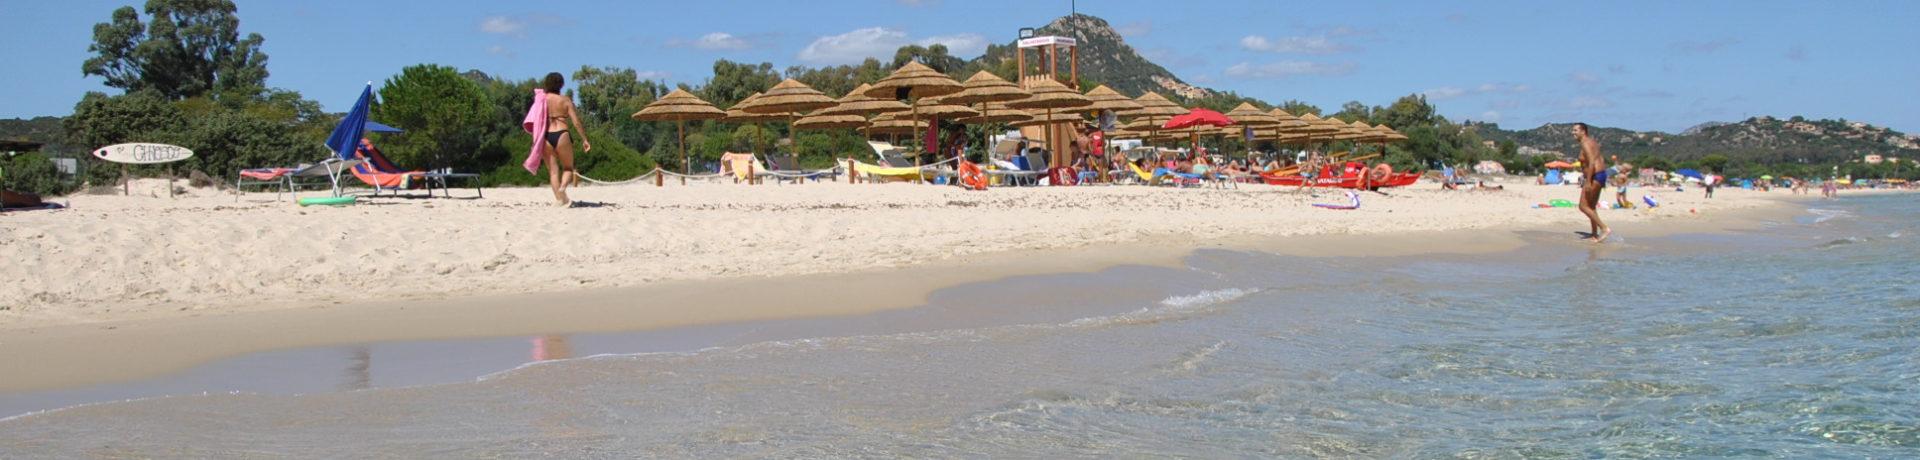 Camping Village Capo Ferrato in Muravera op Sardinië is een charmecamping in Italië aan zee met uitzicht op de kust van Costa Rei.